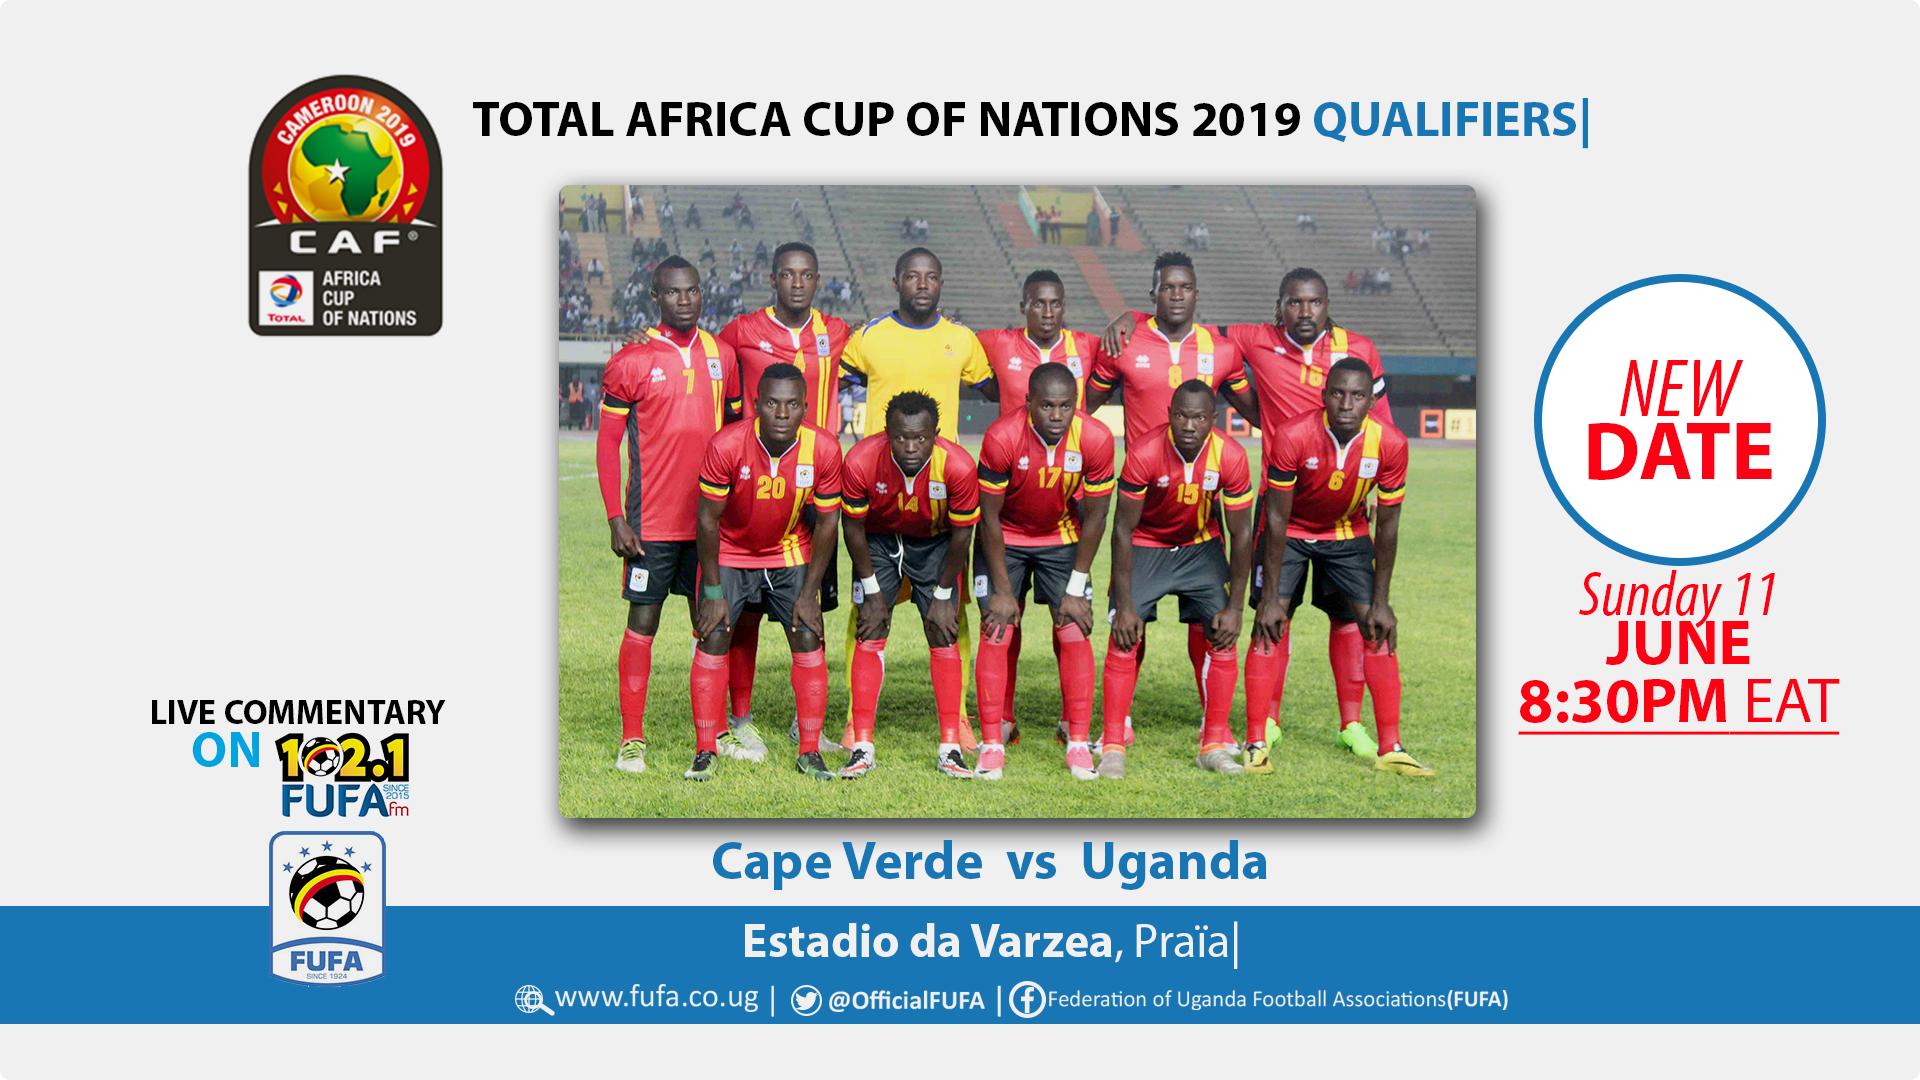 afrikacup 2019